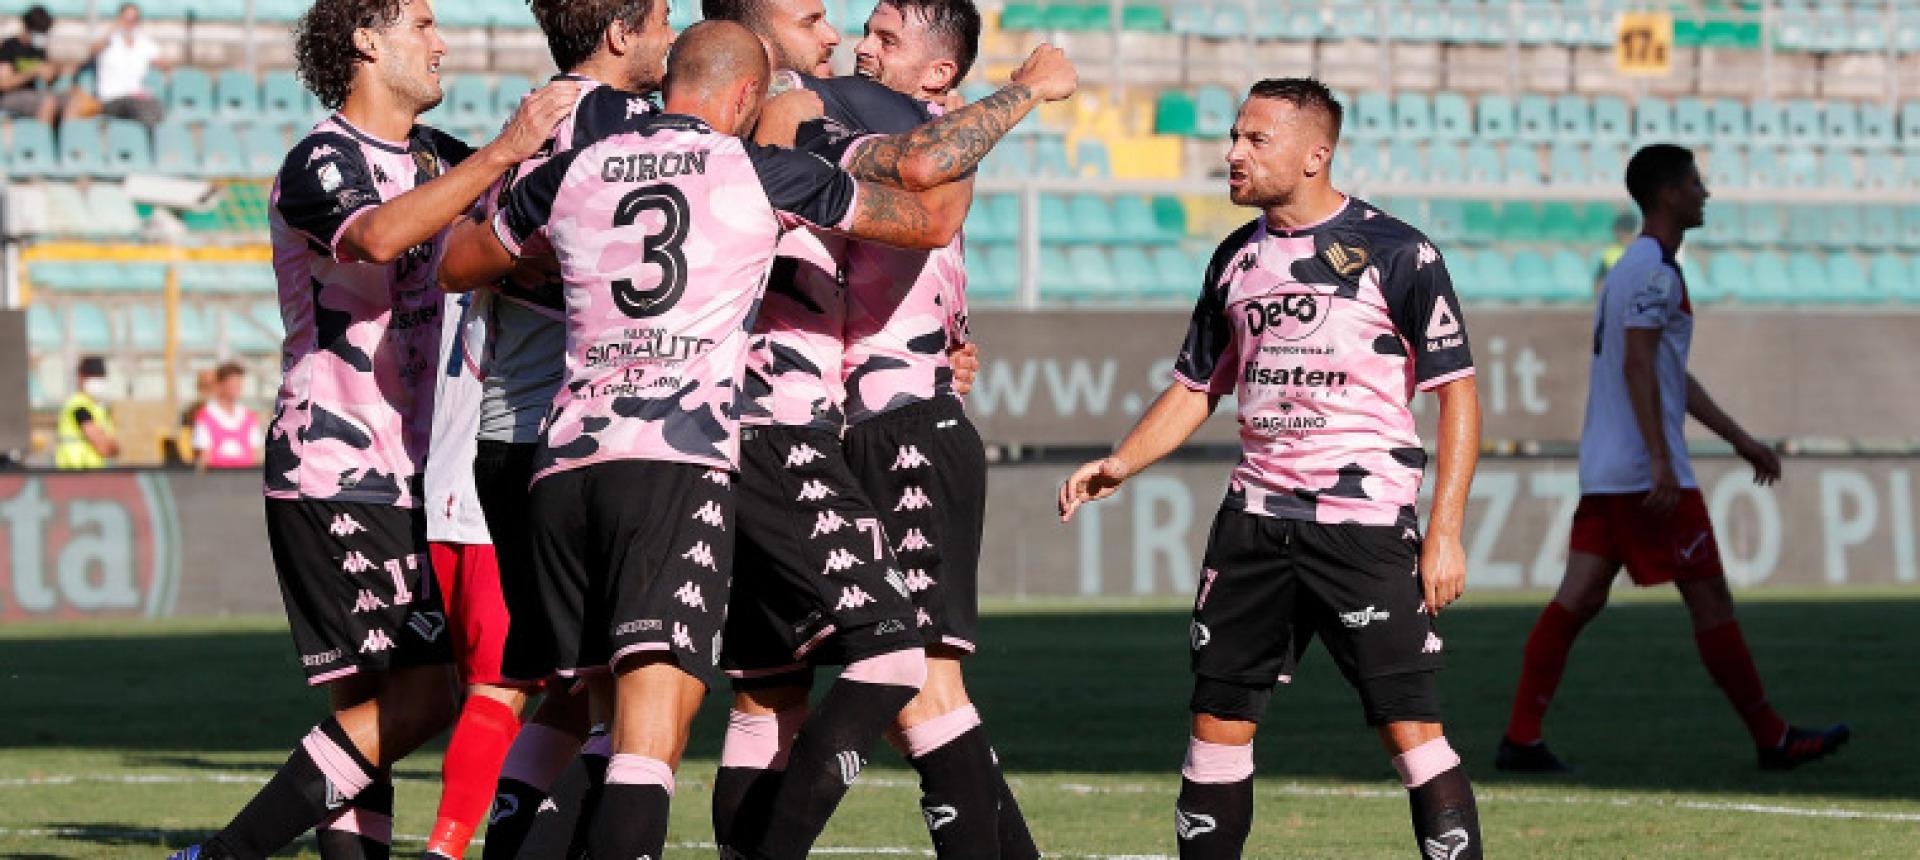 Palermo-Latina: le formazioni ufficiali